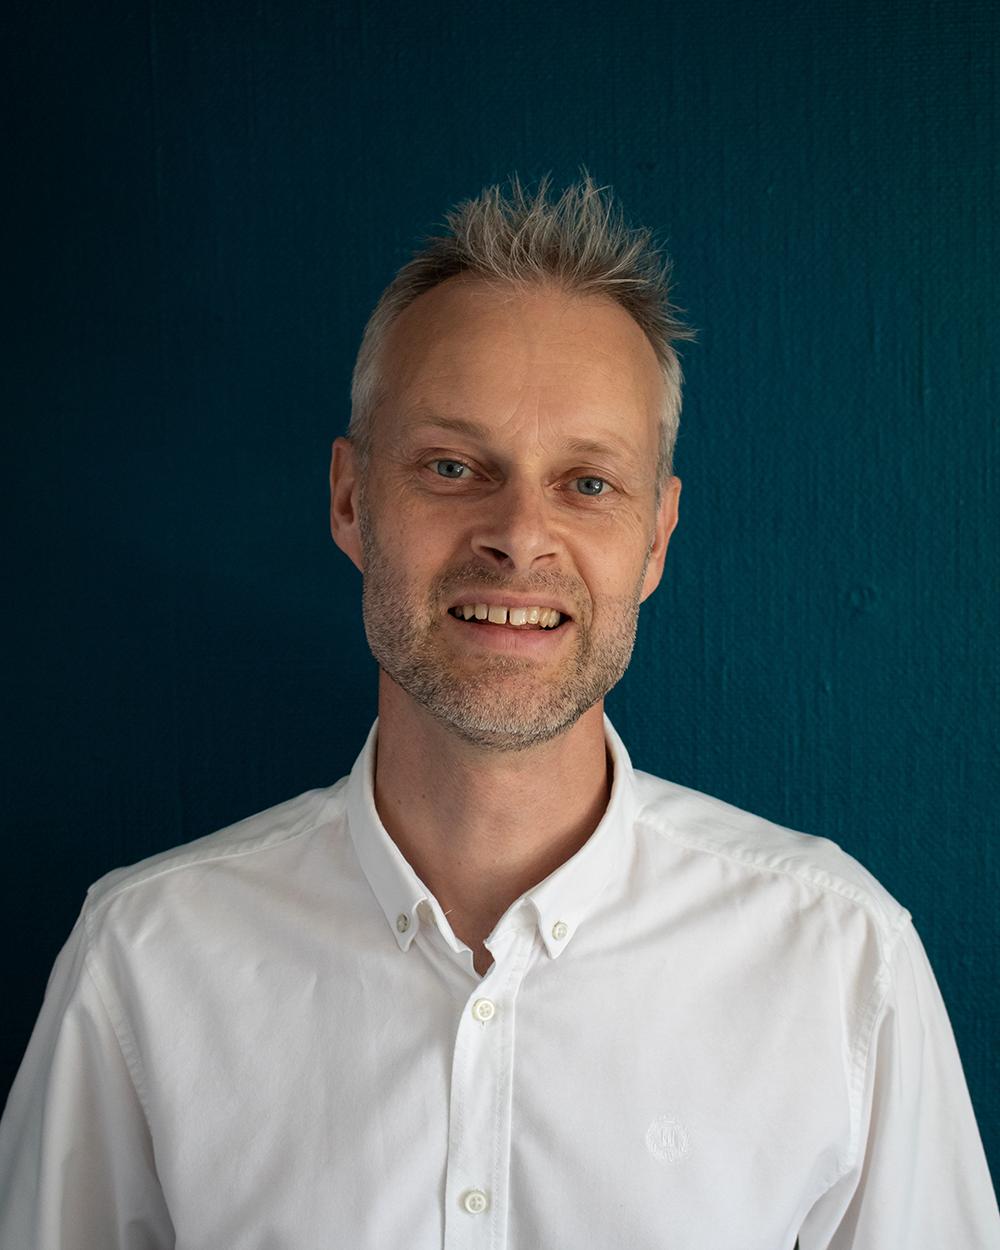 Anders Elholm